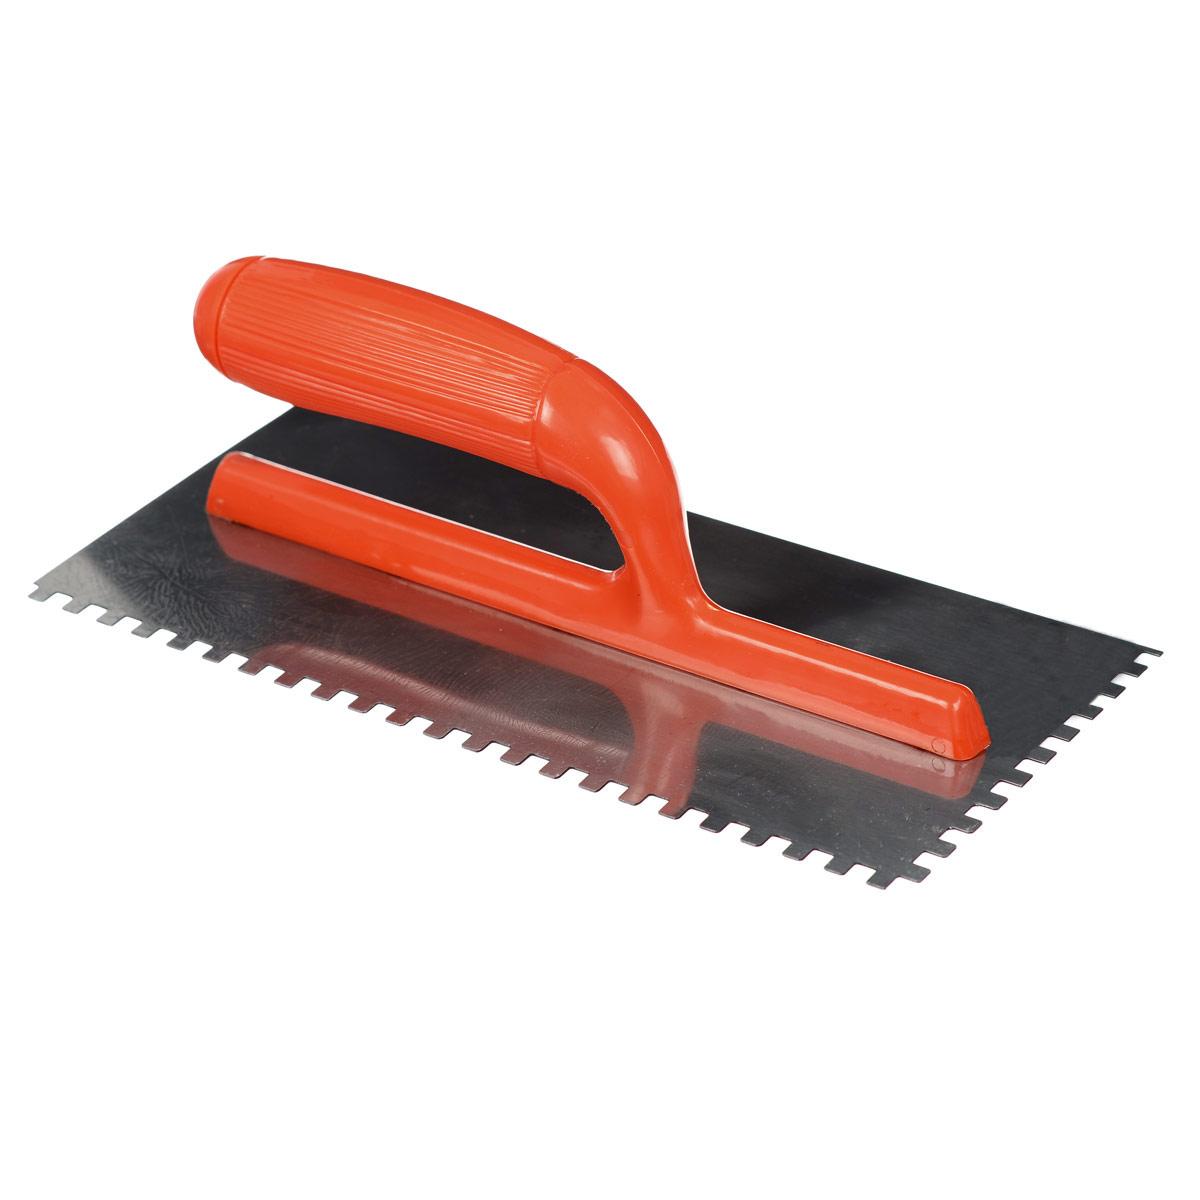 Гладилка зубчатая FIT, цвет: оранжевый, зуб 6 мм, 28 см х 13 см05166_оранжевыйГладилка зубчатая FIT изготовлена из нержавеющей стали, снабжена пластиковой ручкой. Изделие используется в штукатурно- отделочных работах для равномерного распределения раствора на большую по площади поверхность. Размер зубьев: 6 мм х 6 мм. Размеры рабочей поверхности: 28 см х 13 см.